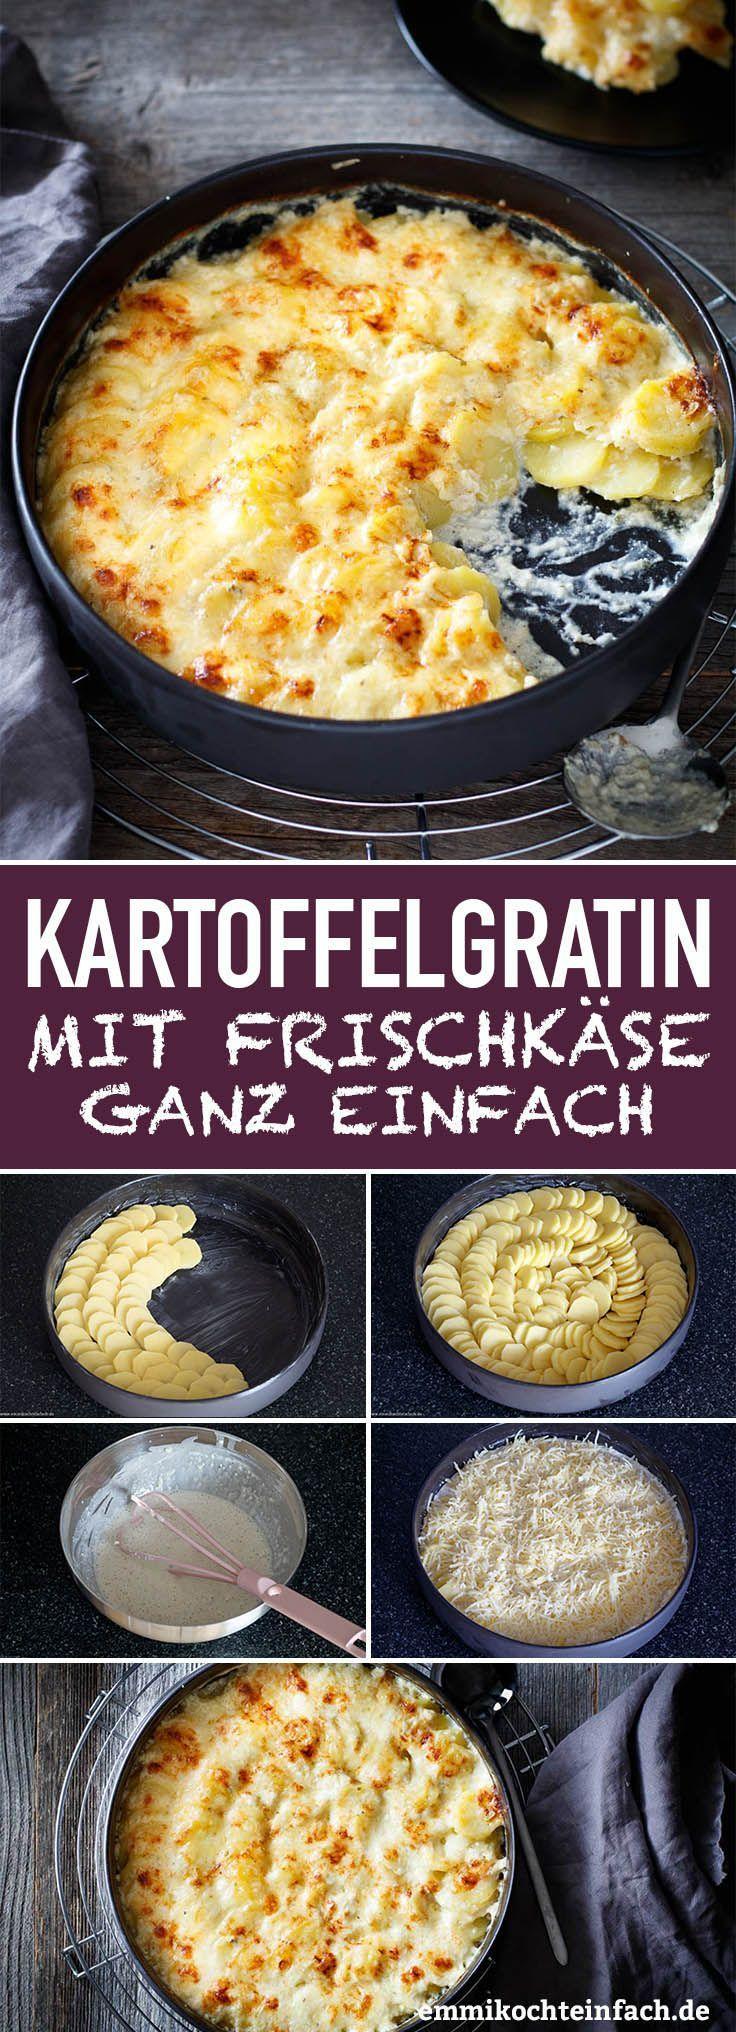 Potato gratin with herb cream cheese and Emmentaler   – Aufläufe